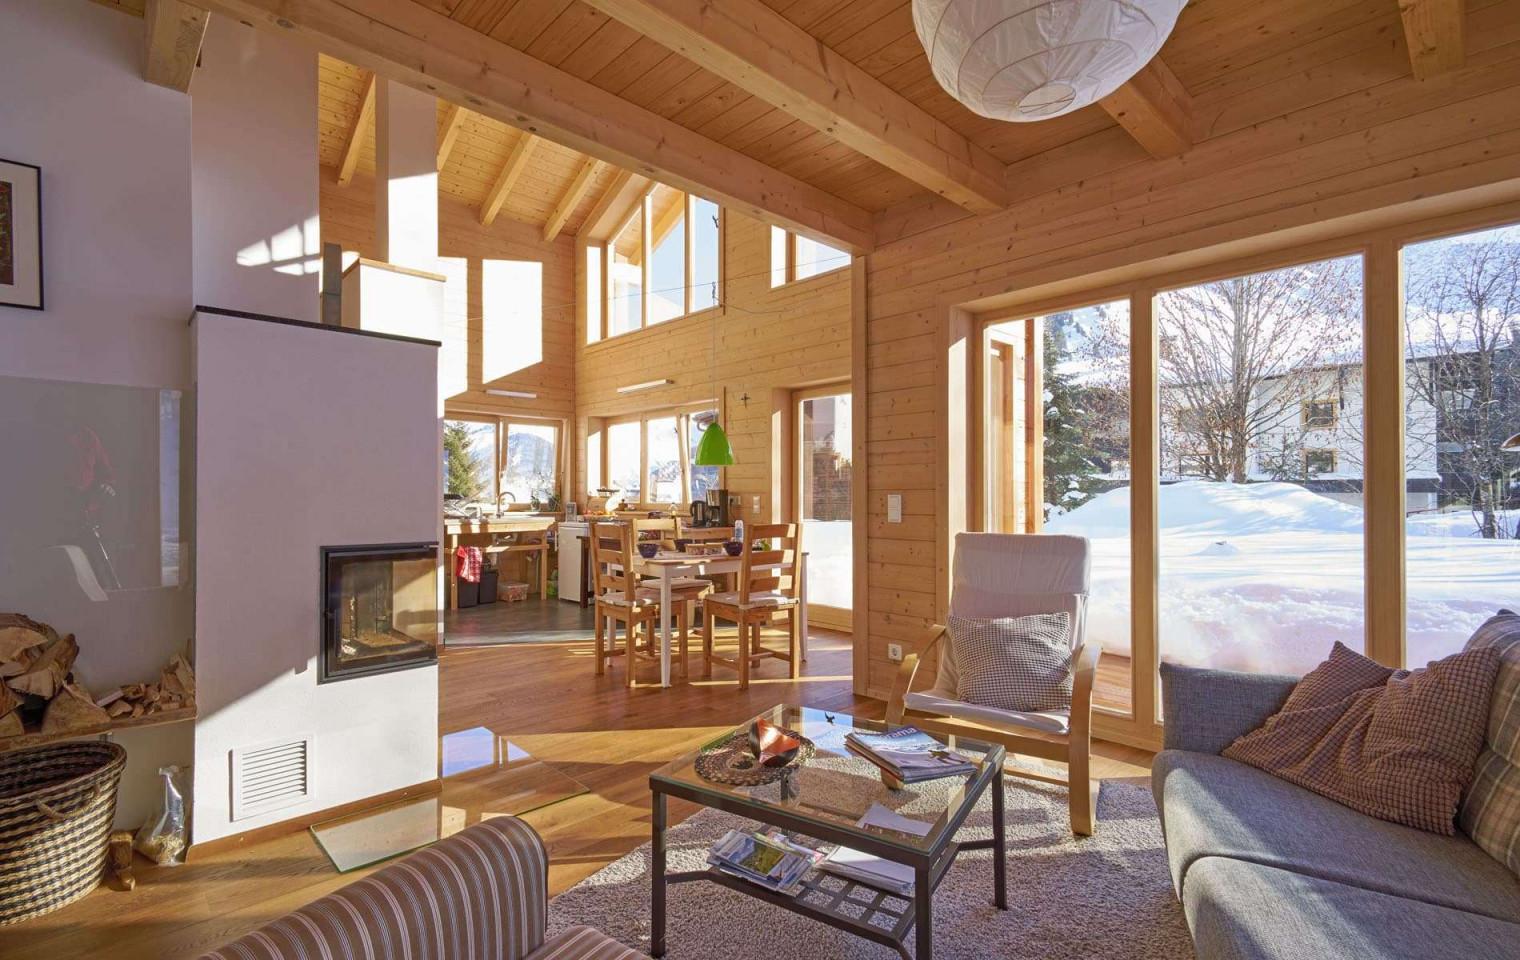 Das Wohnzimmer Gemütlich Einrichten Für Den Winter von Gemütliches Wohnzimmer Bilder Photo